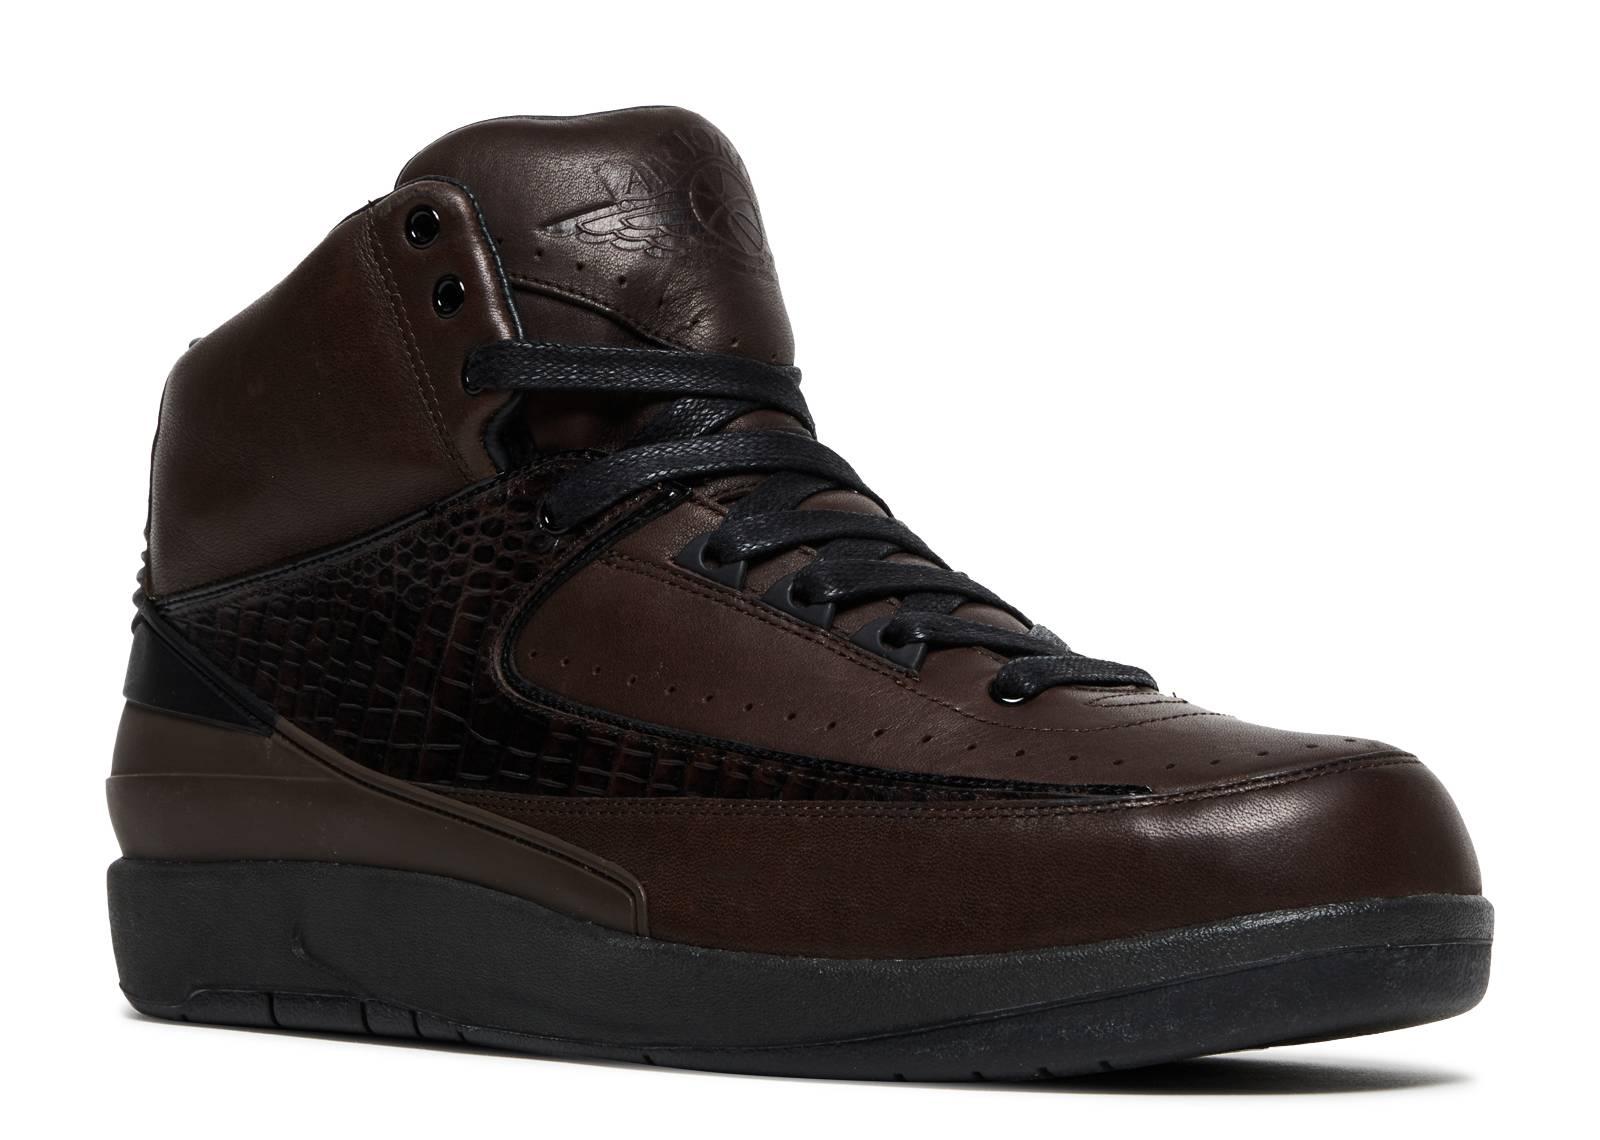 sale retailer 6270e 31269 Air Jordan 2 Retro Premio